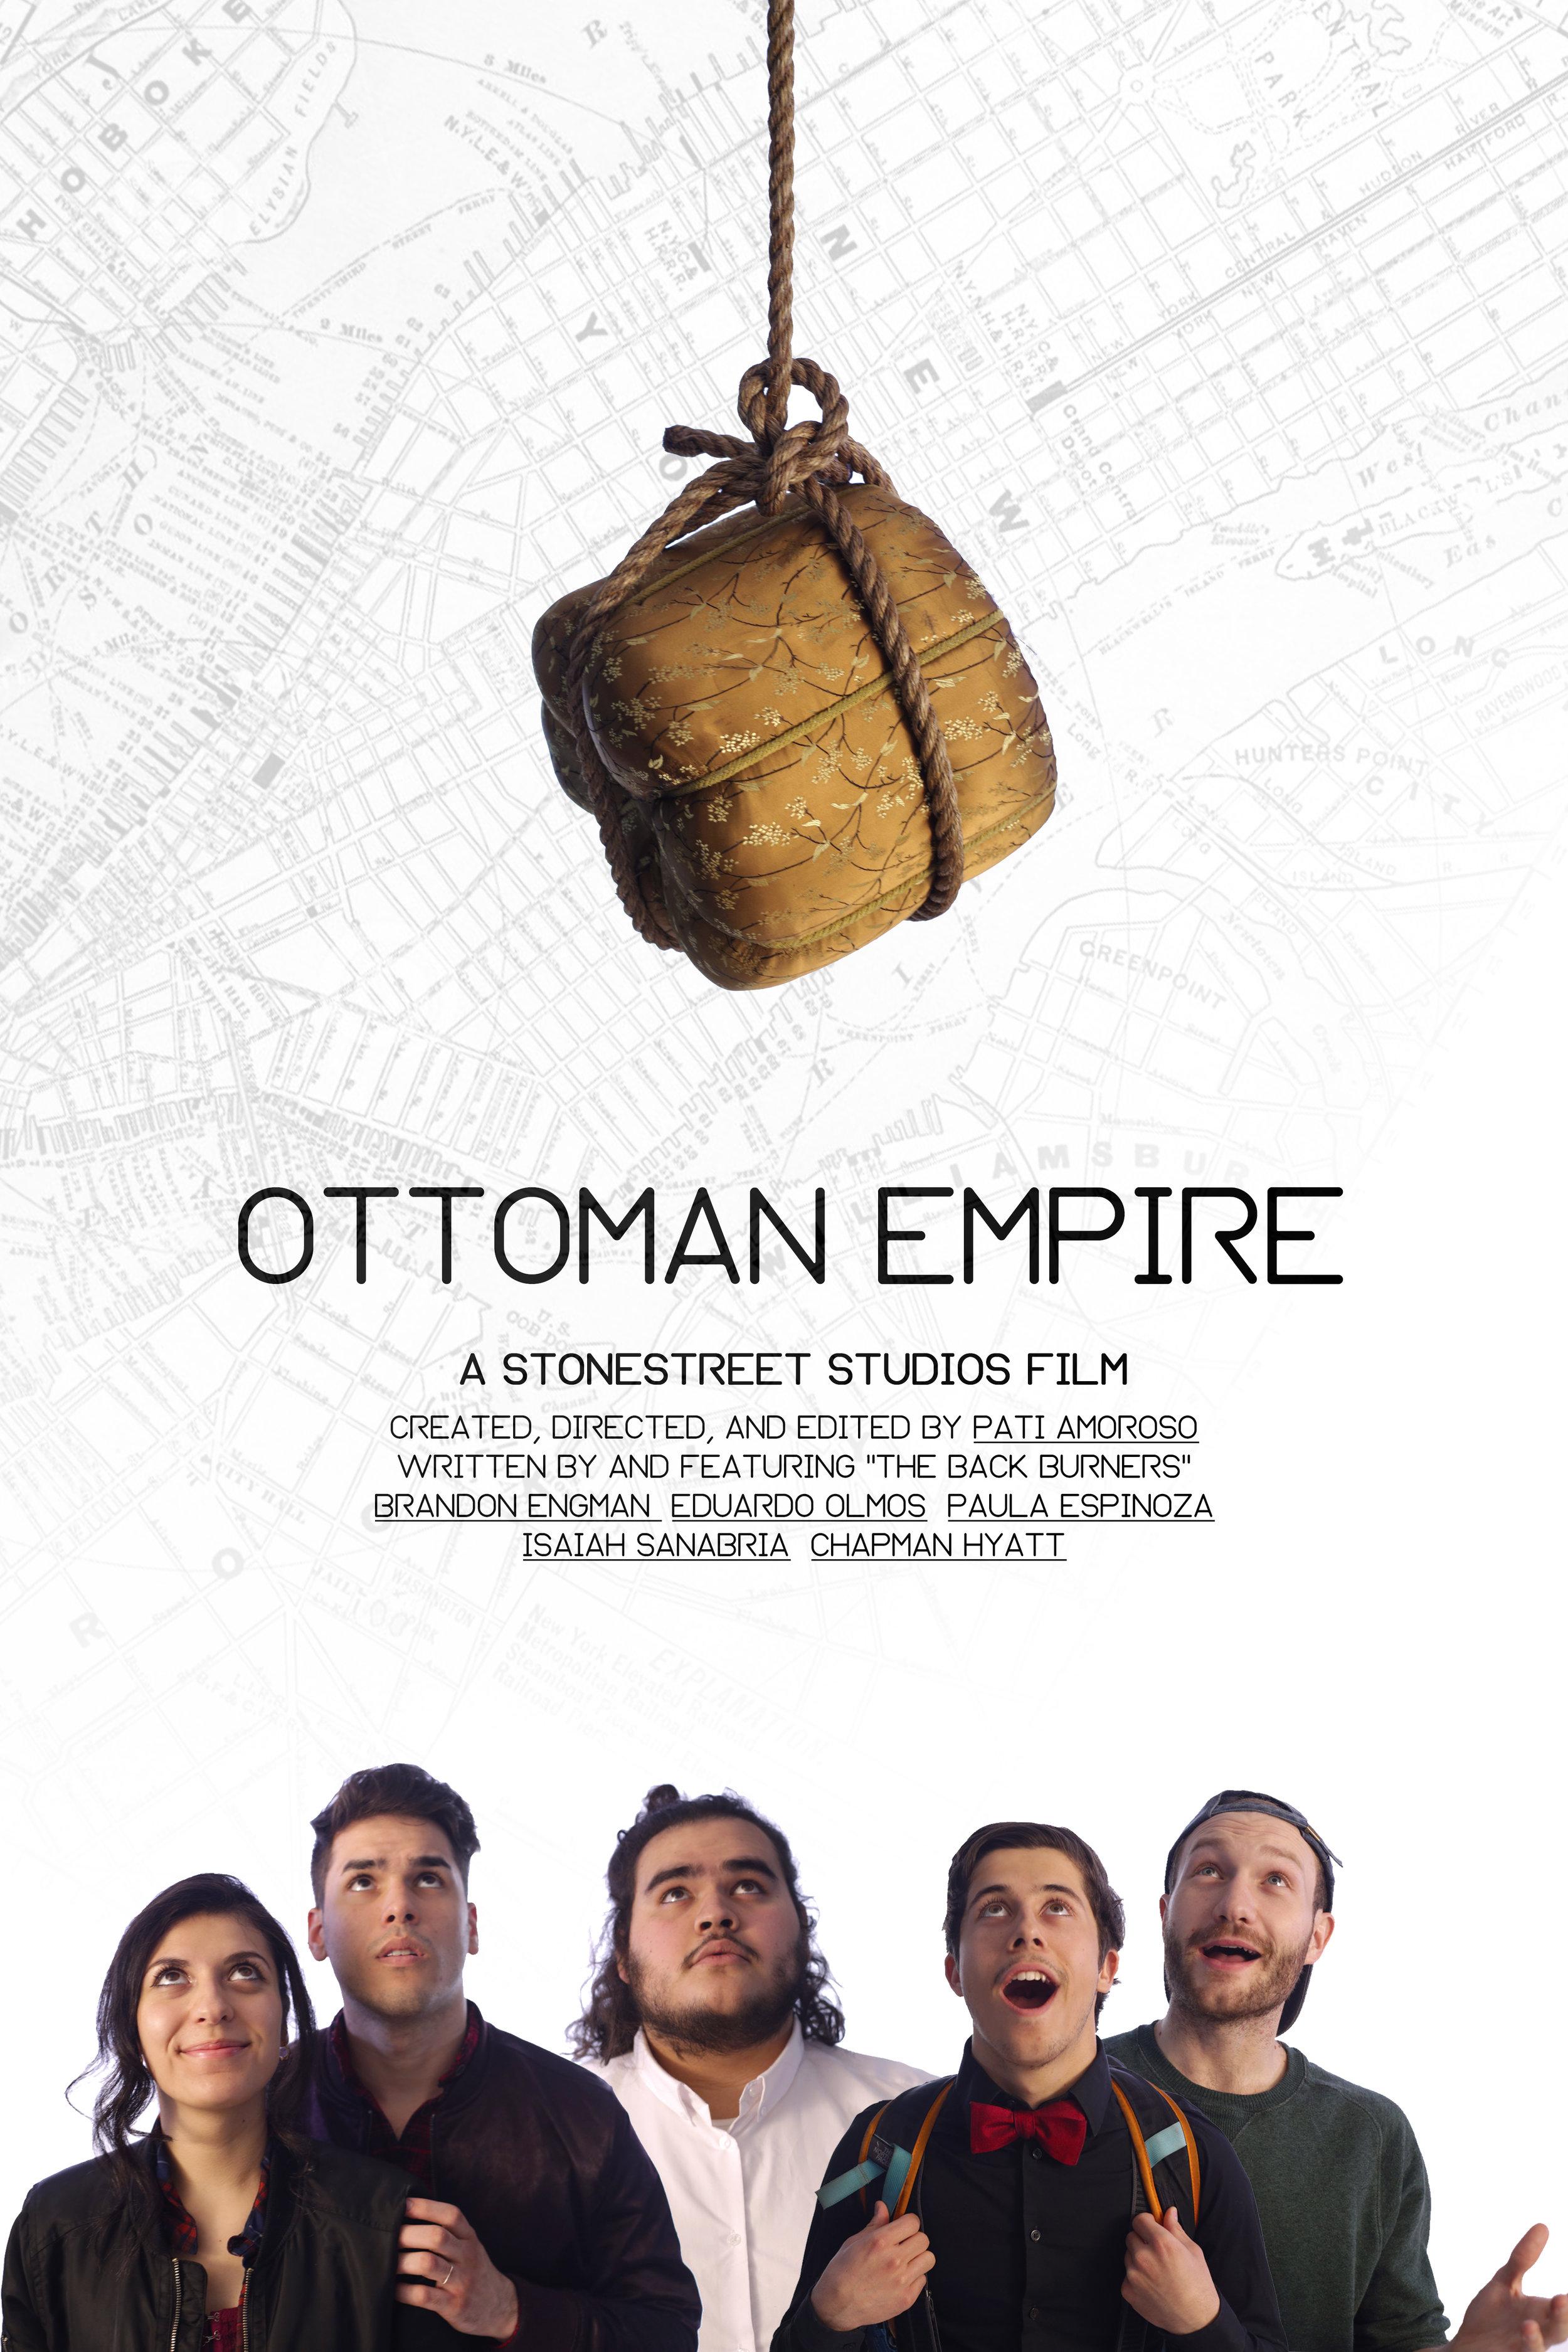 ottoman empire poster name corrected.jpg